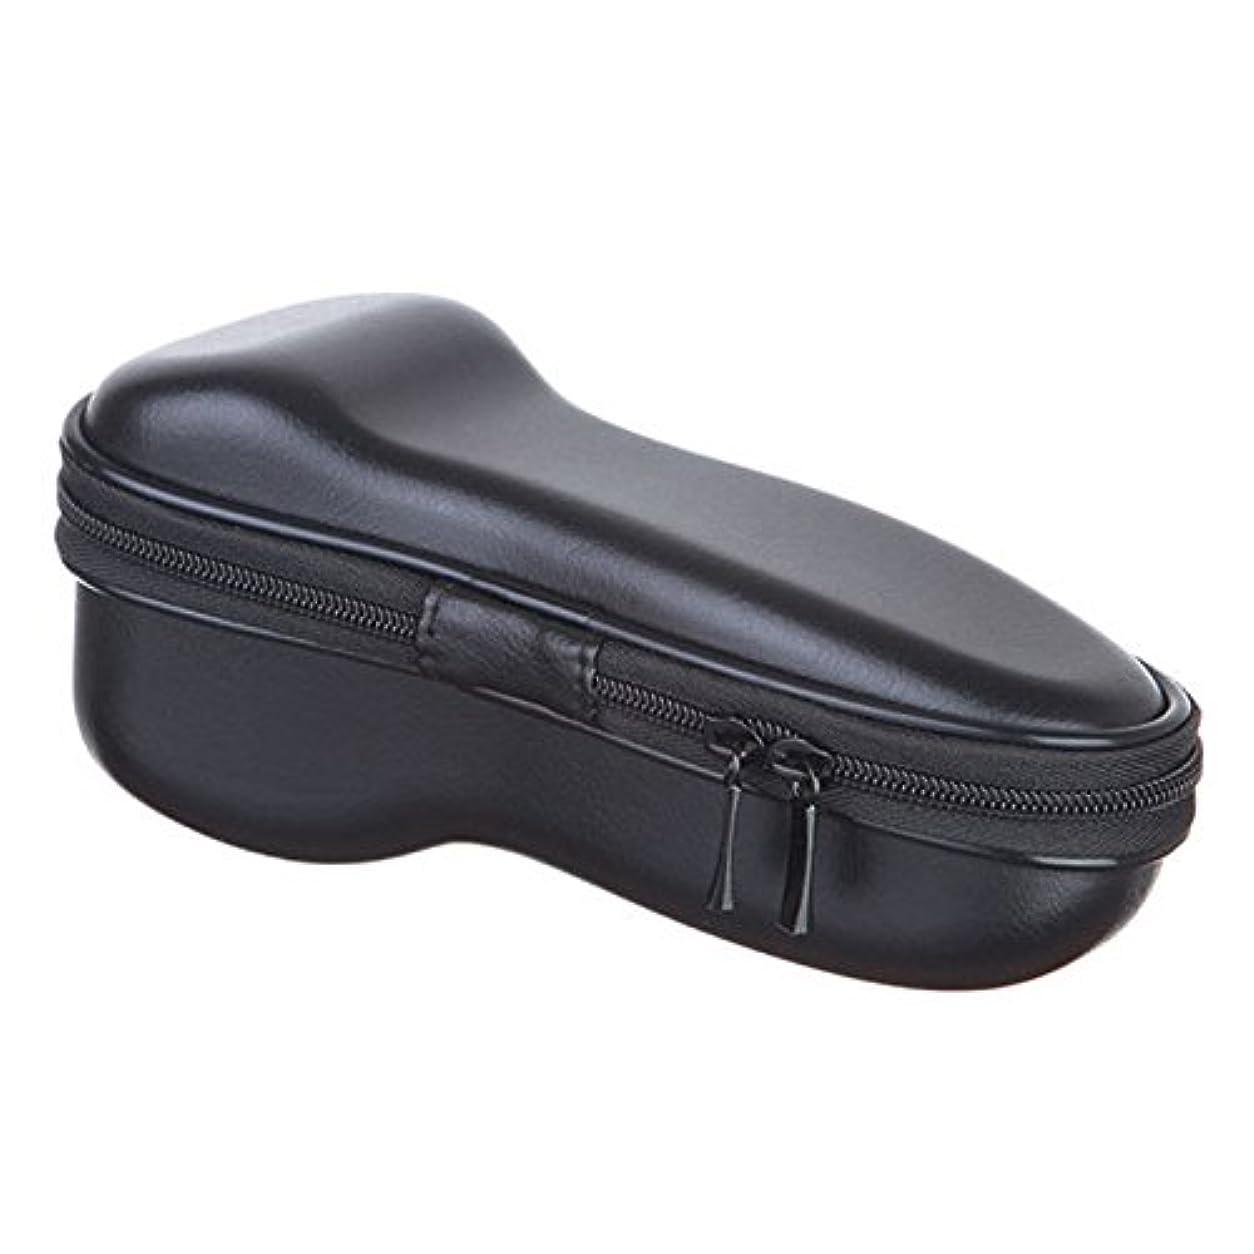 すき首緩めるSODIAL ユニバーサル 電気 シェーバー ジッパー付き 収納バッグ 旅行EVA保護 ショックプルーフ ケース ボックス ポーチ カバー カミソリ/シェーバーのバッグ